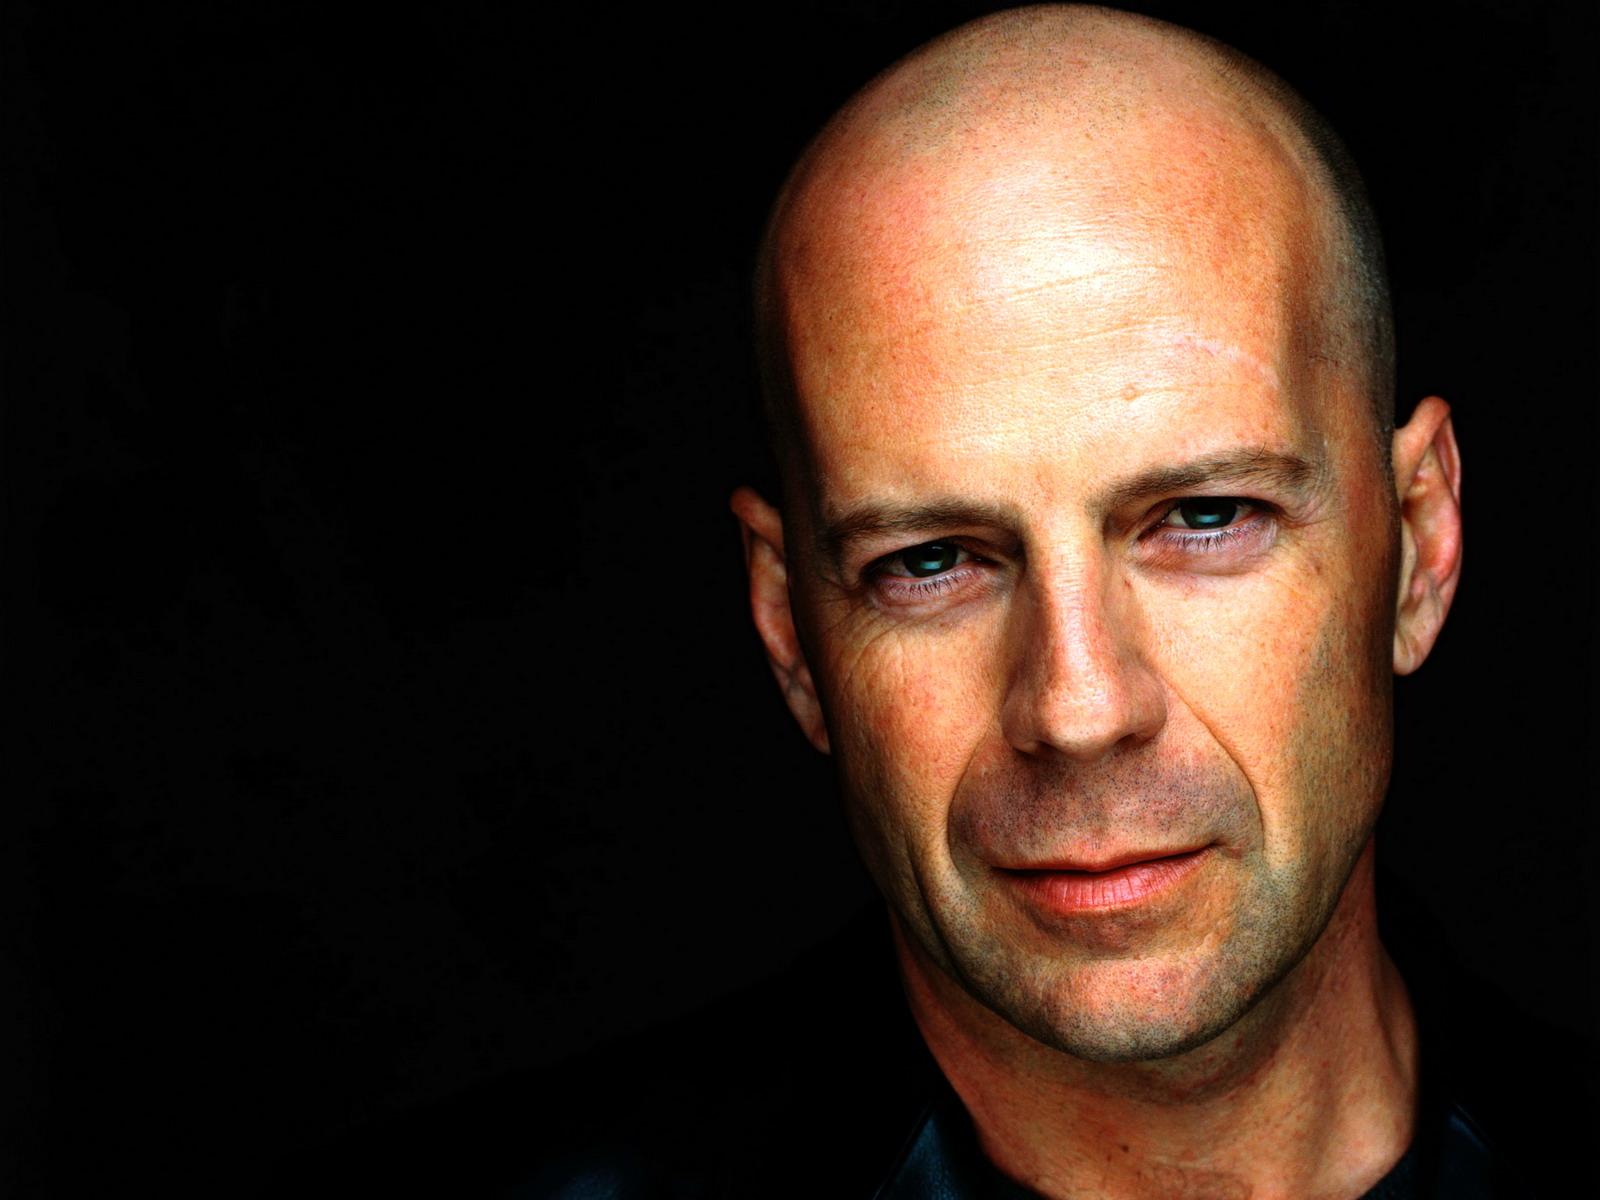 Un bel primo piano di Bruce Willis